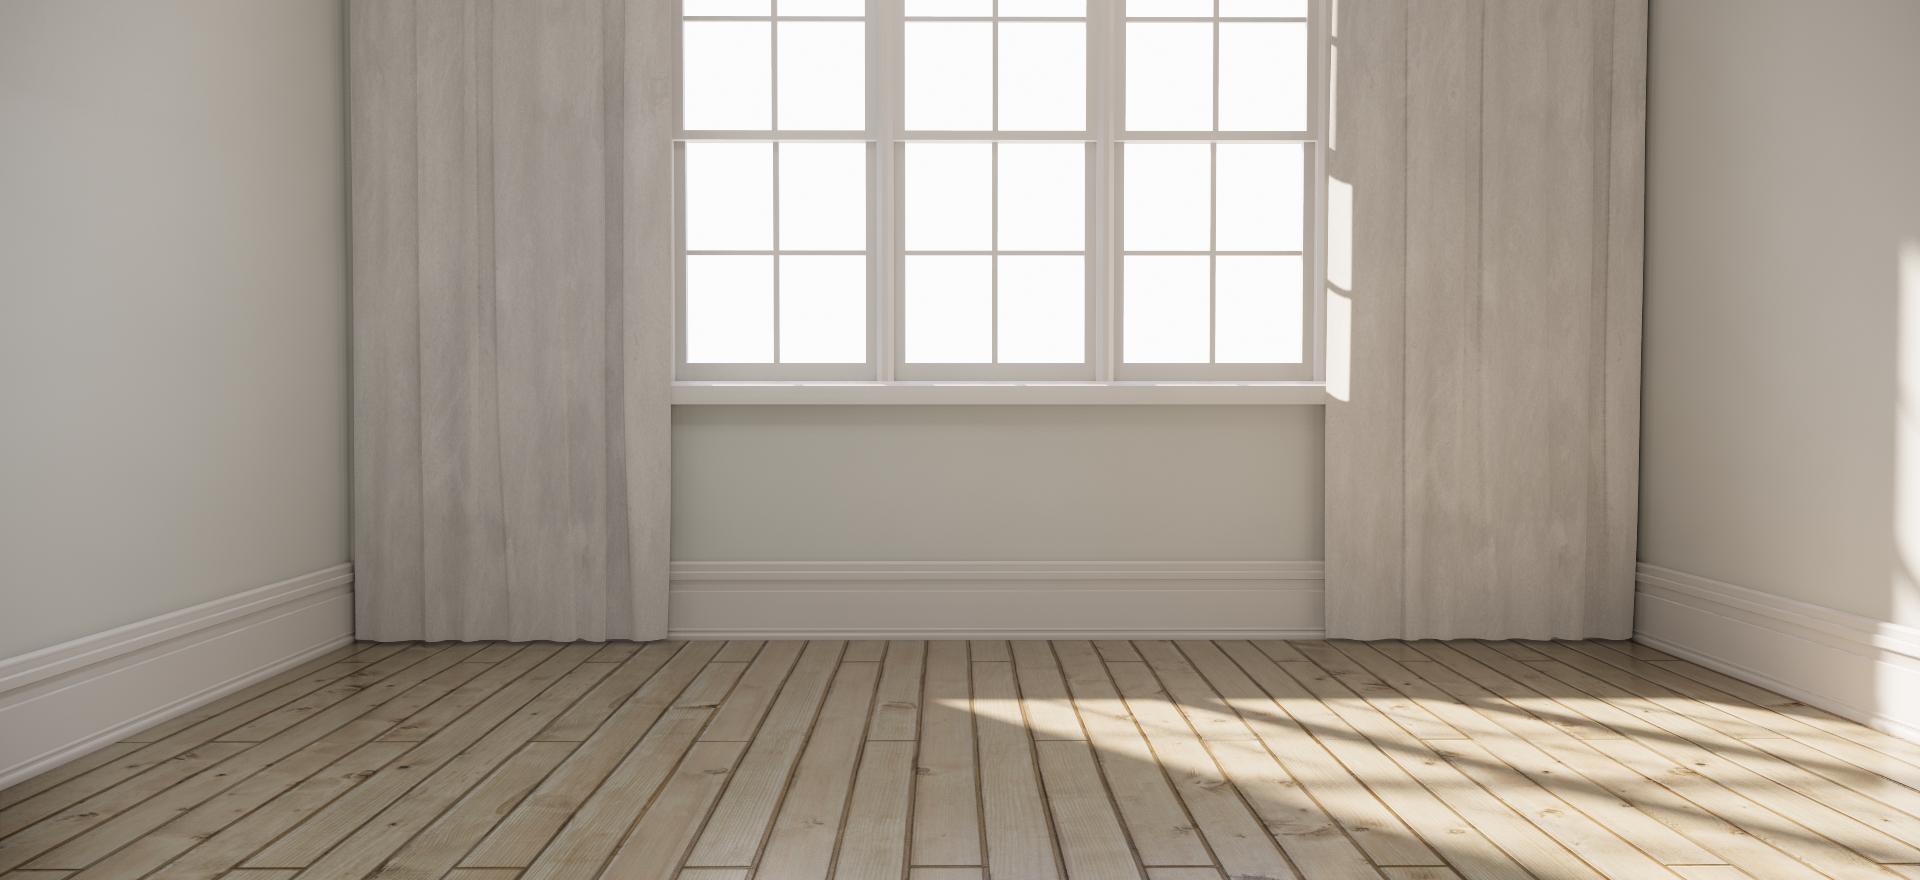 Wood Flooring 39.png